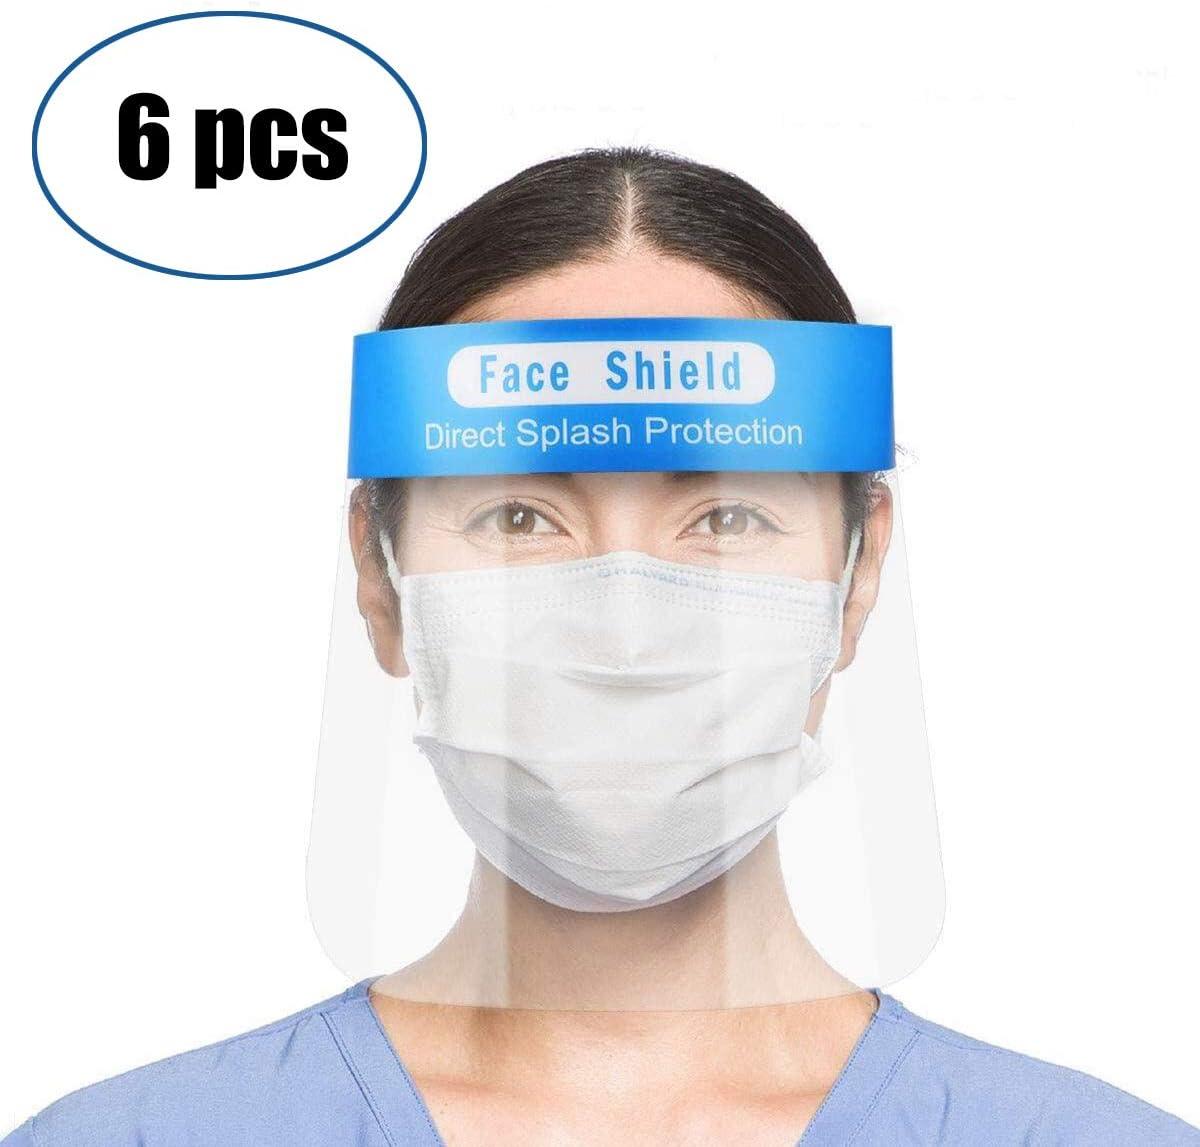 Enjoyee - 6 Viseras Protectoras para la Cara, plástico Ligero, Ajustable, Transparente, para Evitar la Saliva, Las Gotas, el Polen y el Polvo (Azul)